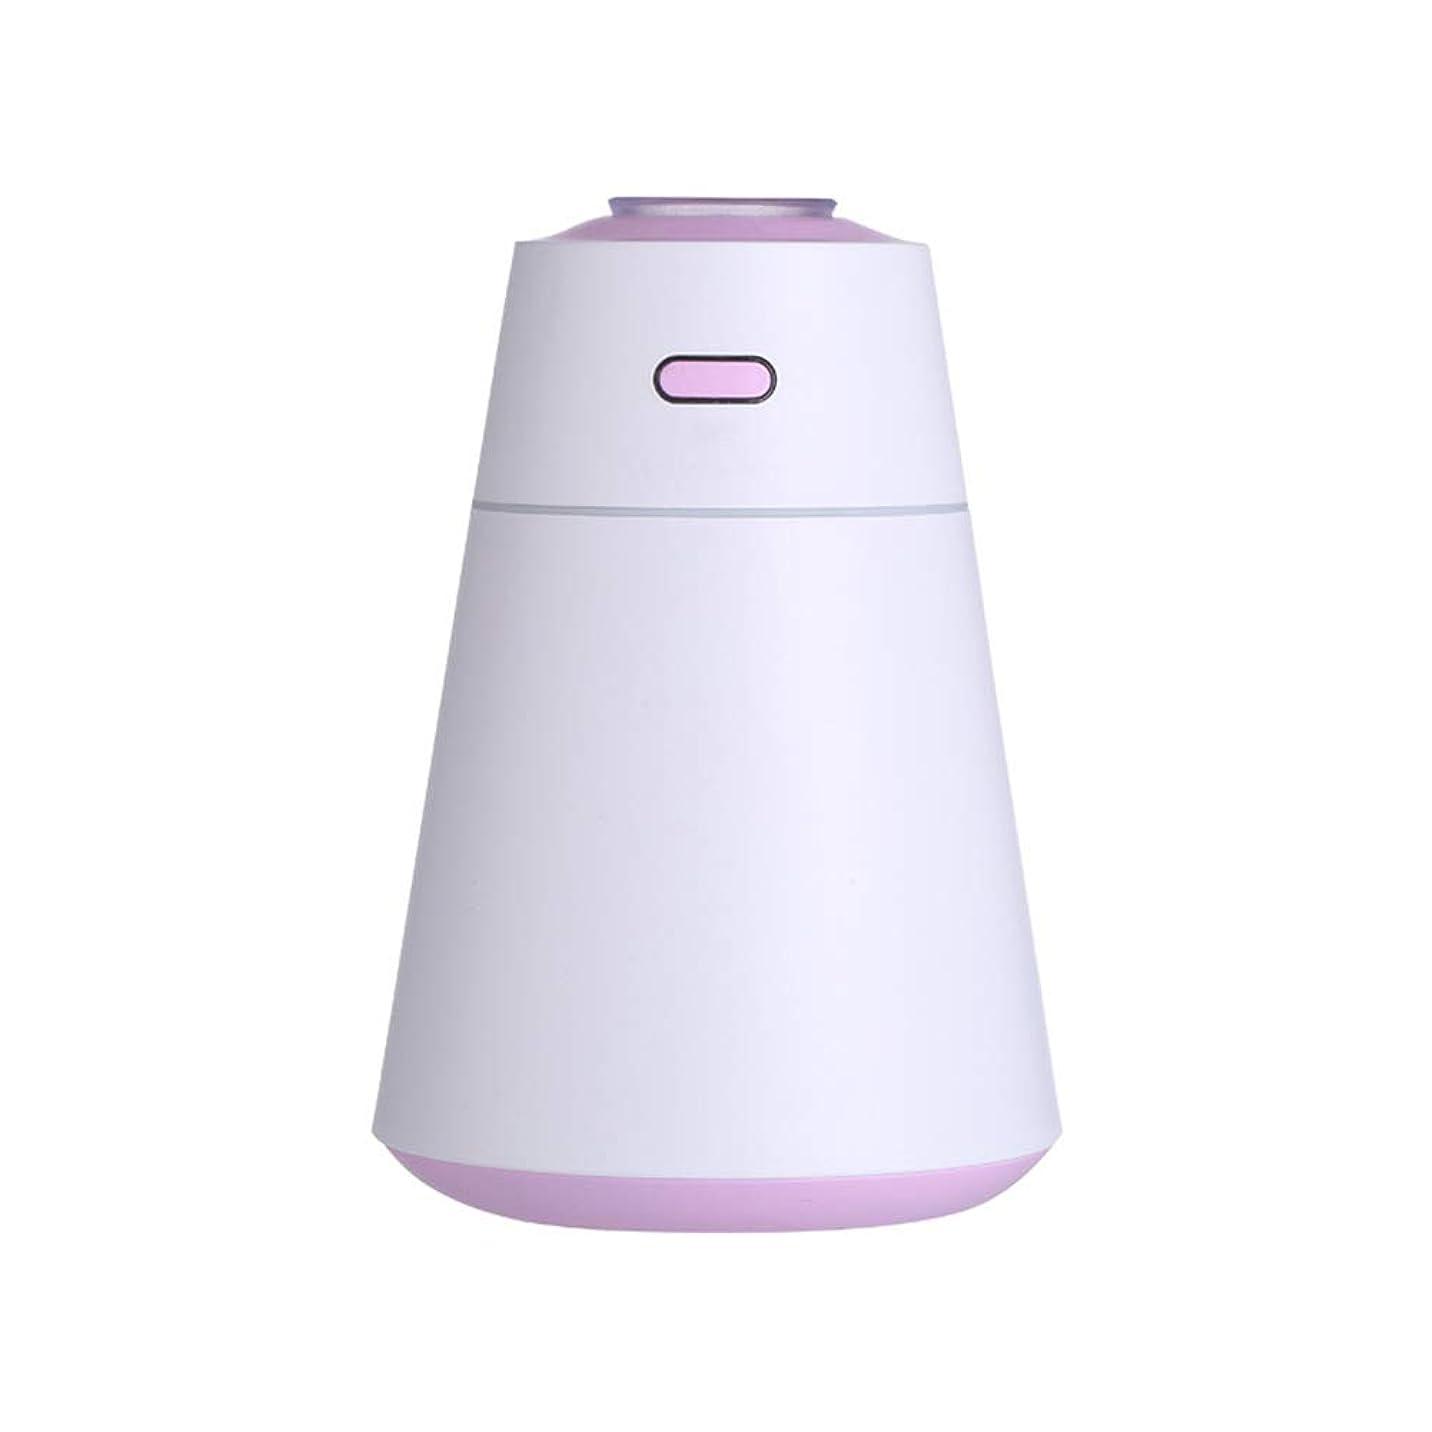 レルムオーク投獄加湿器USBデスクトップ寝室加湿器クリエイティブファッションシンプルな火山加湿器超音波加湿,Pink